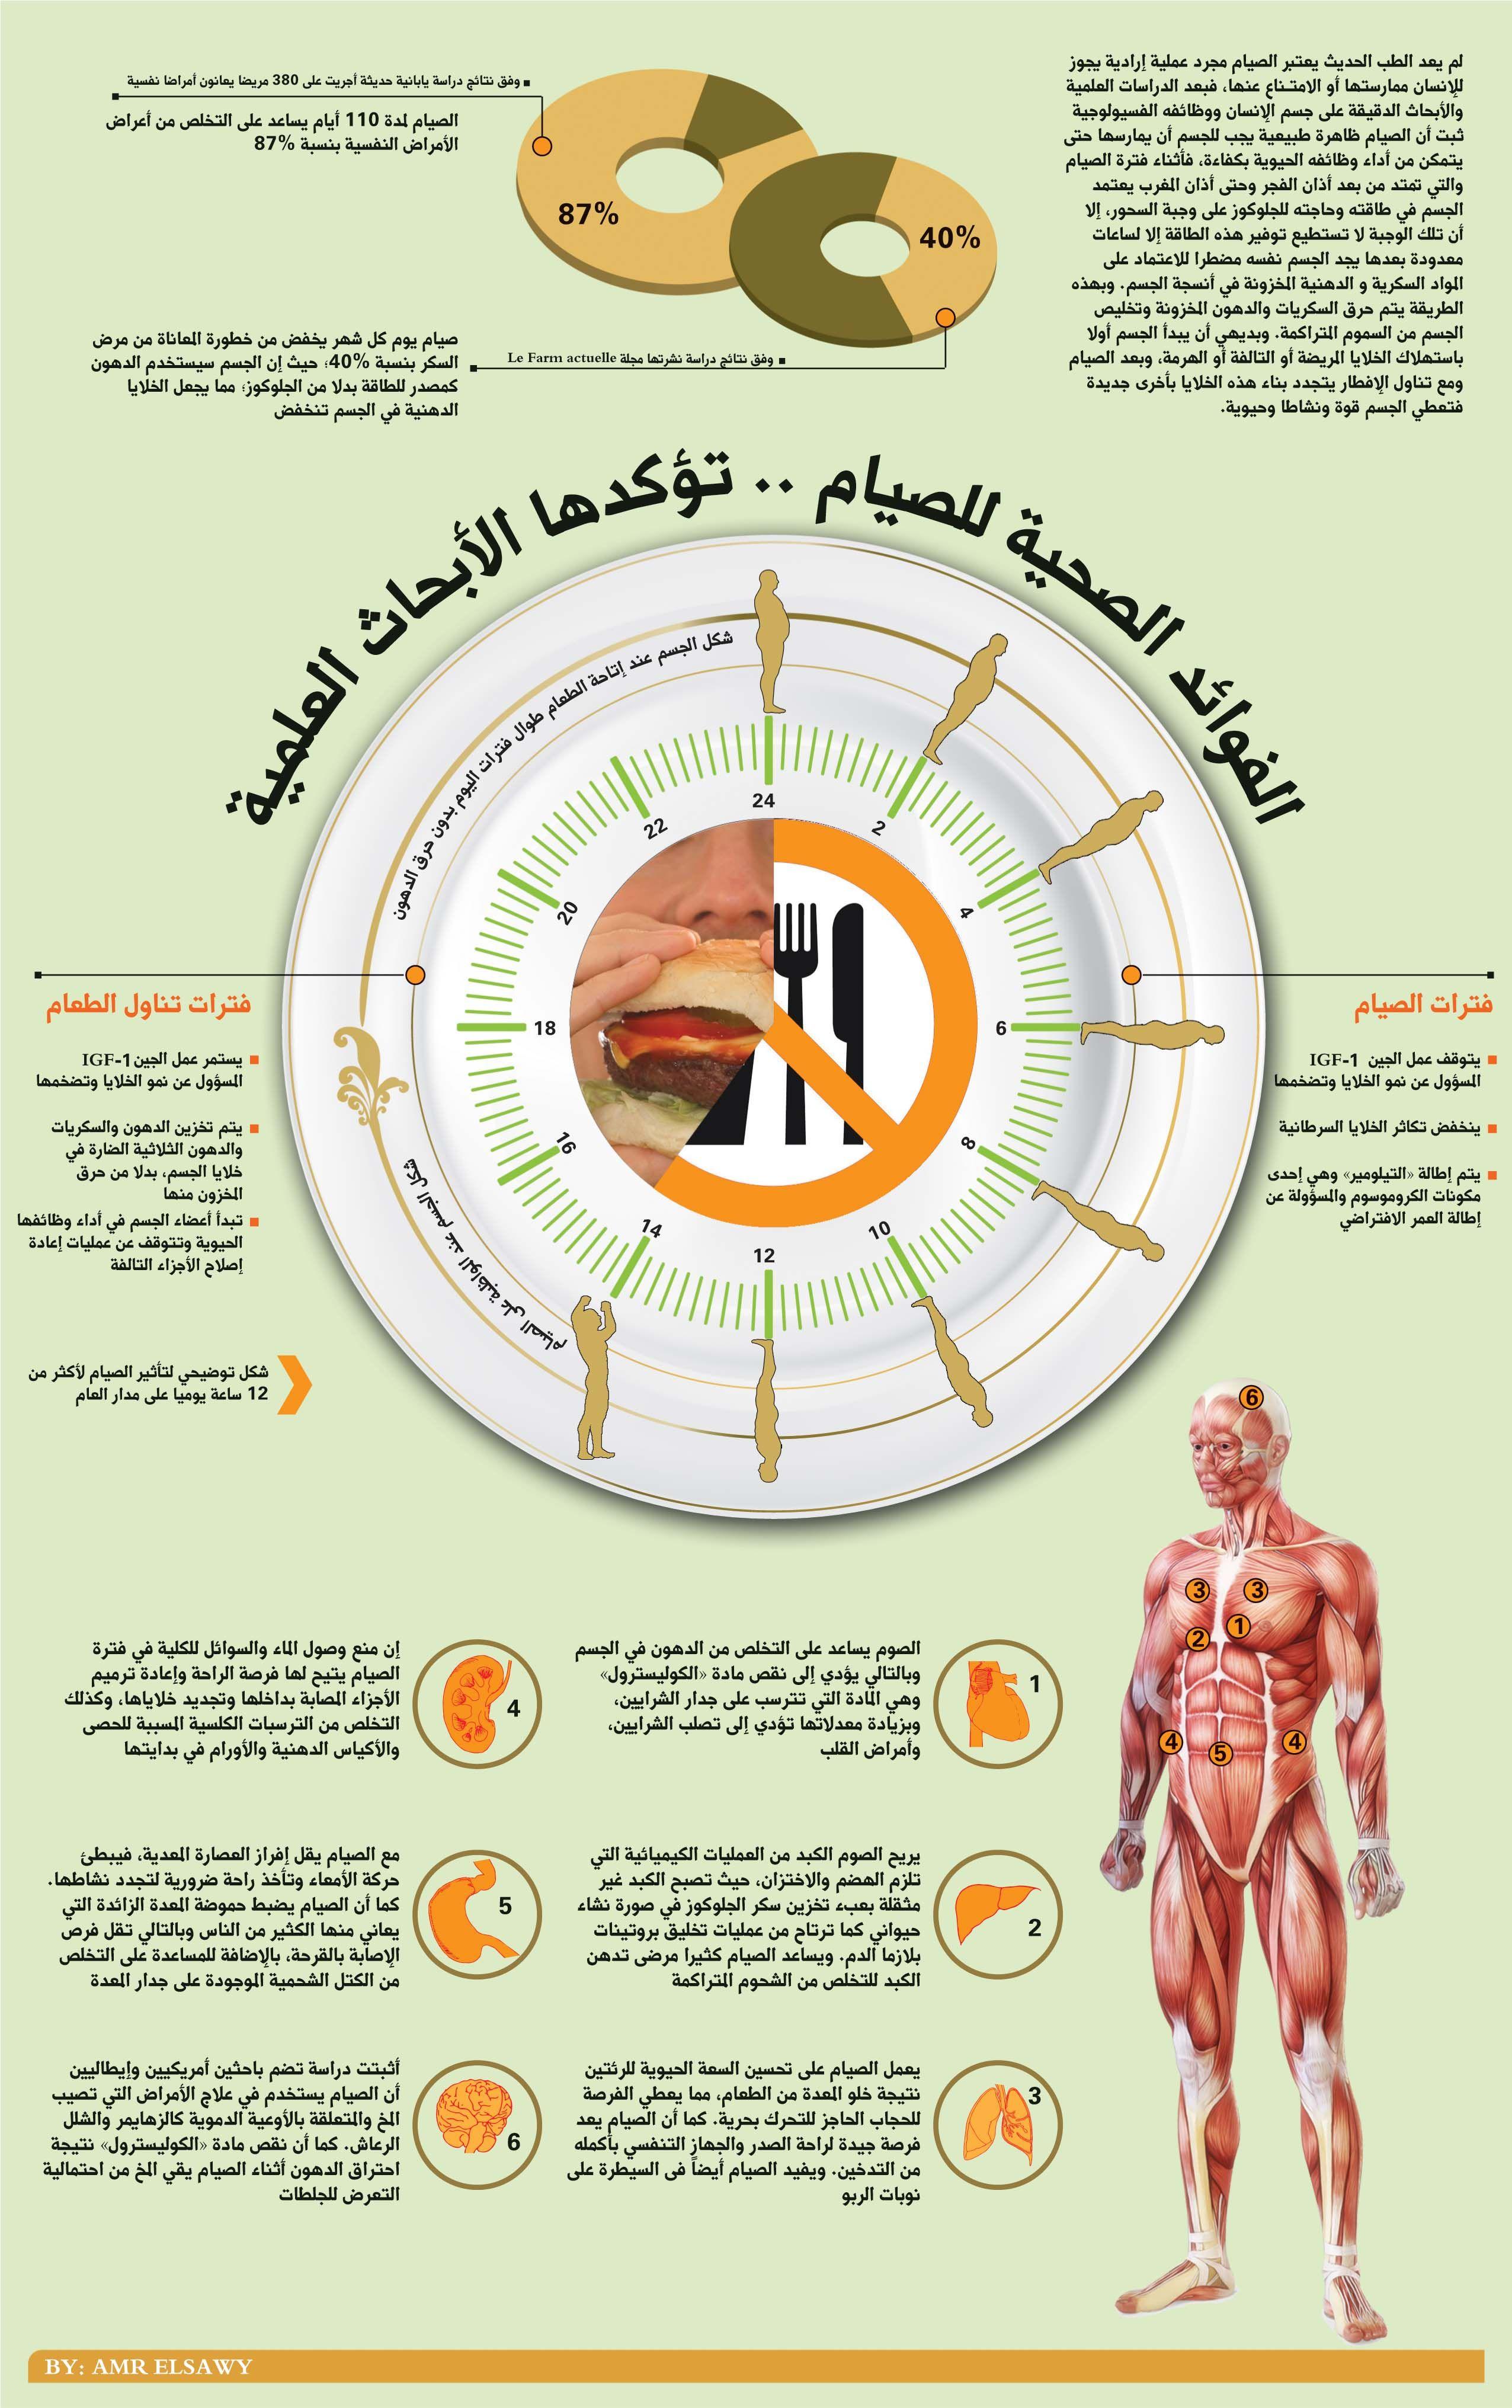 إليكم بعض الفوائد الصحية للصيام #رمضان #الشهر_الفضيل